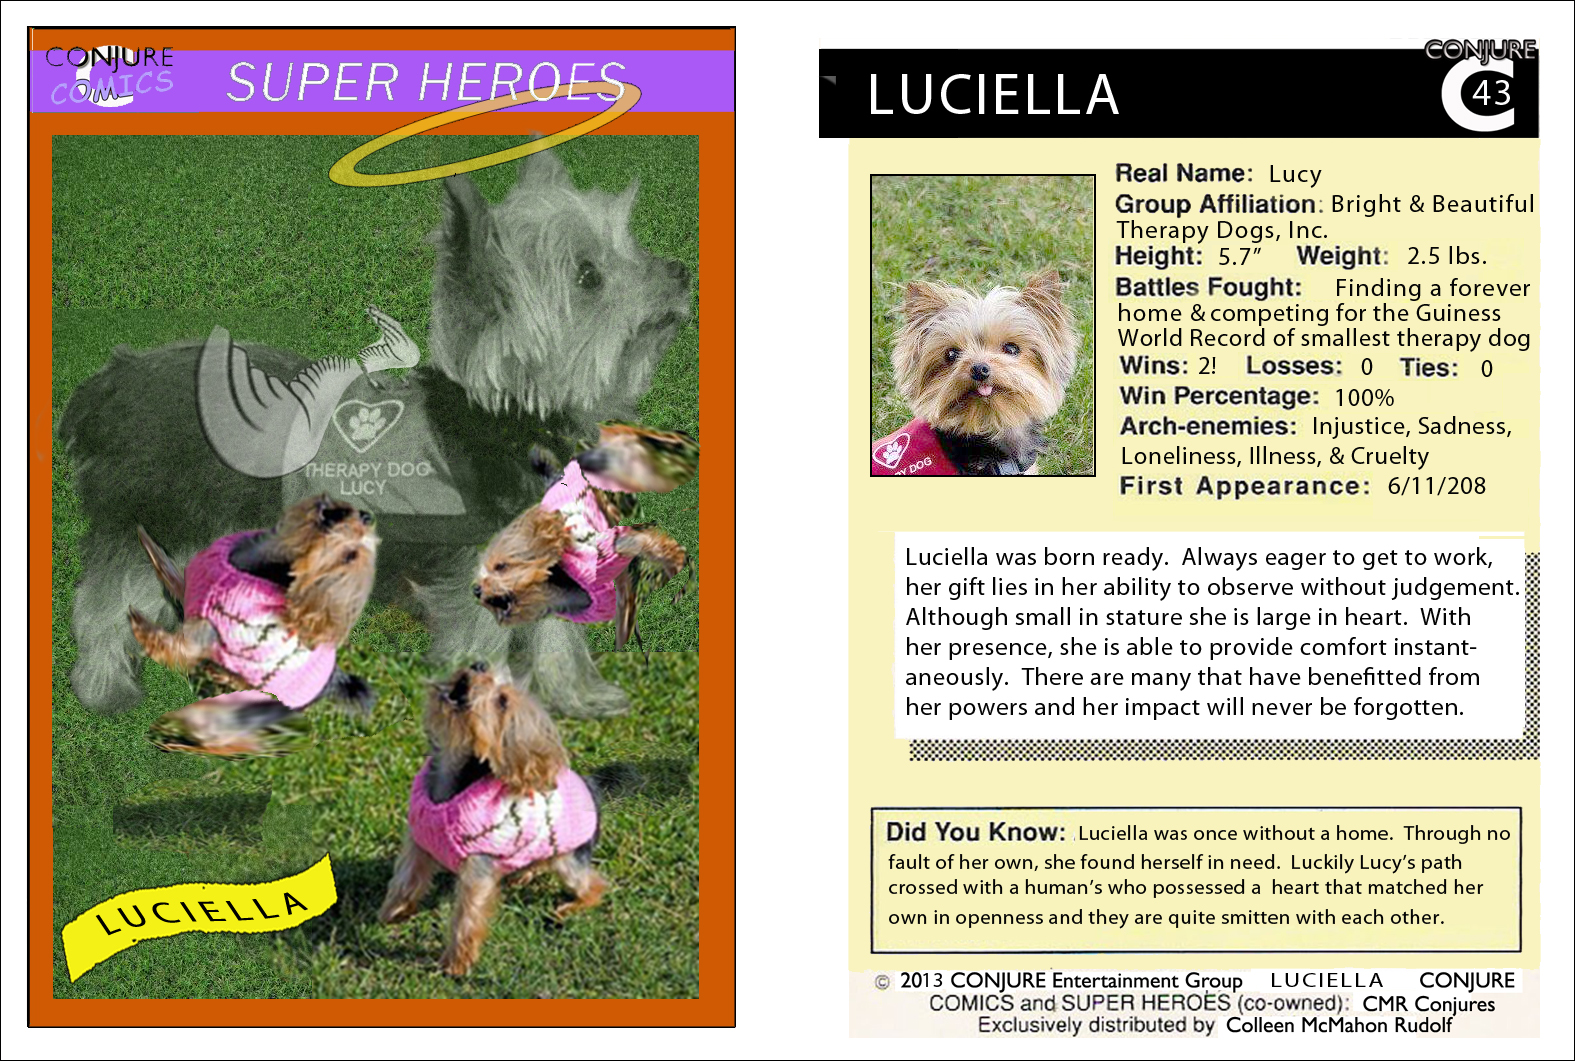 Luciella